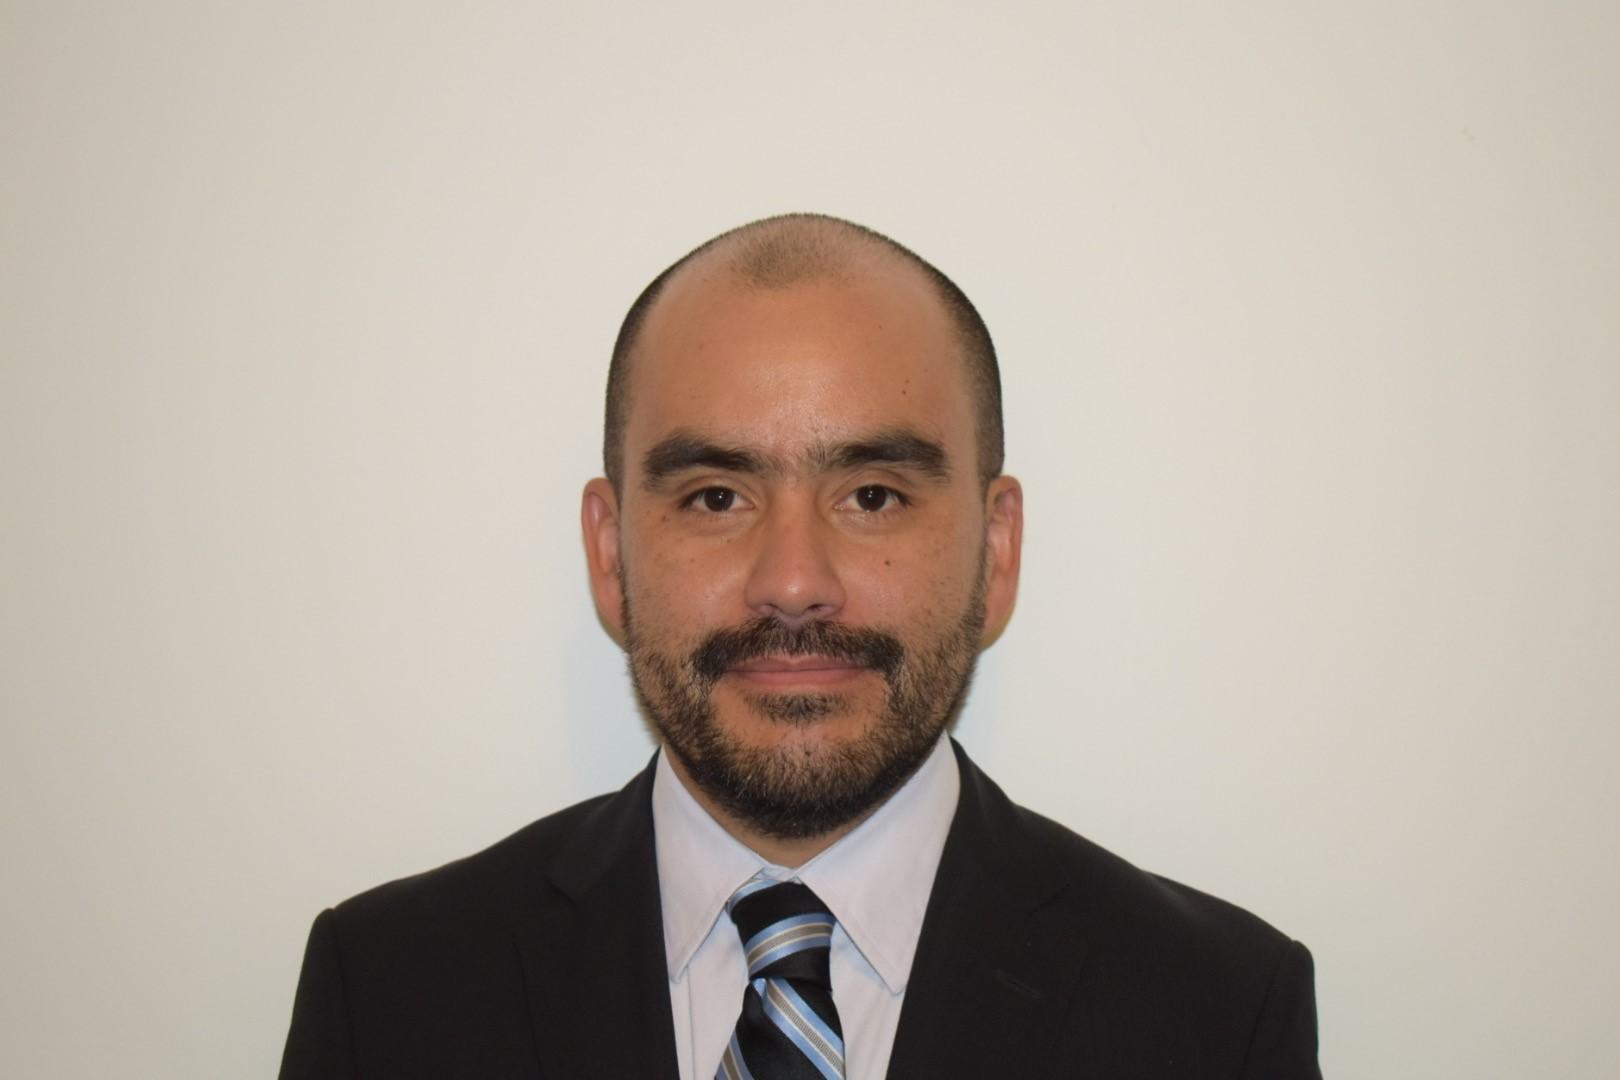 Francisco Santiago Larrea Naranjo